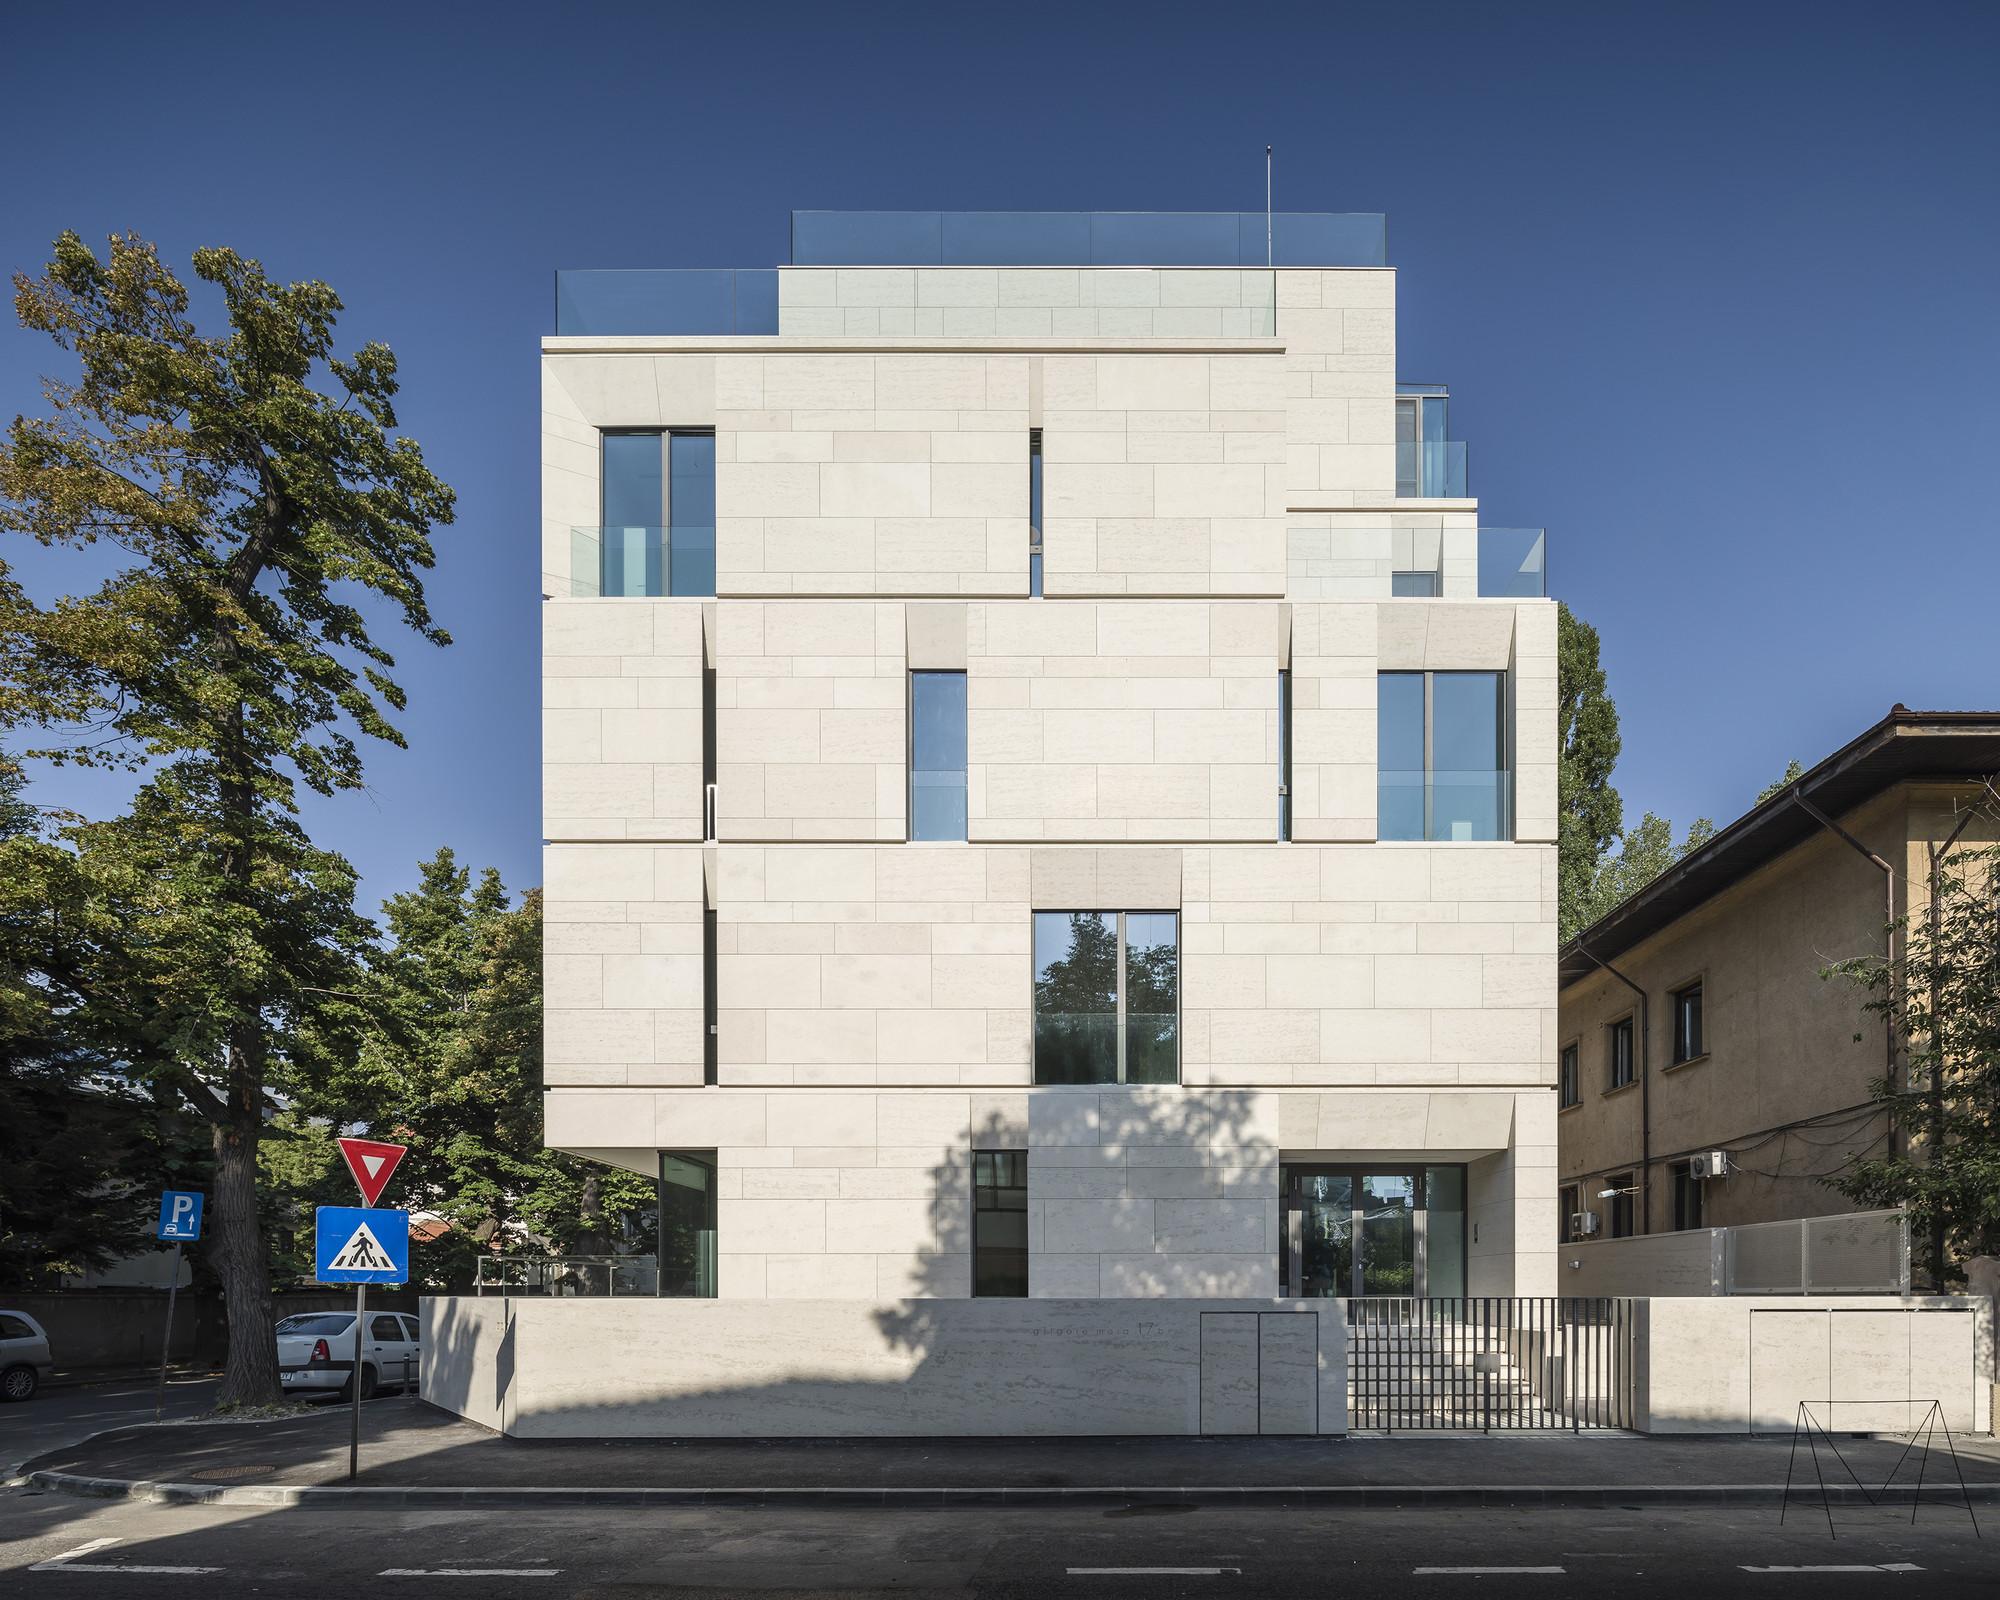 Edificio Residencial MORA / ADN Birou de Arhitectura, © Cosmin Dragomir